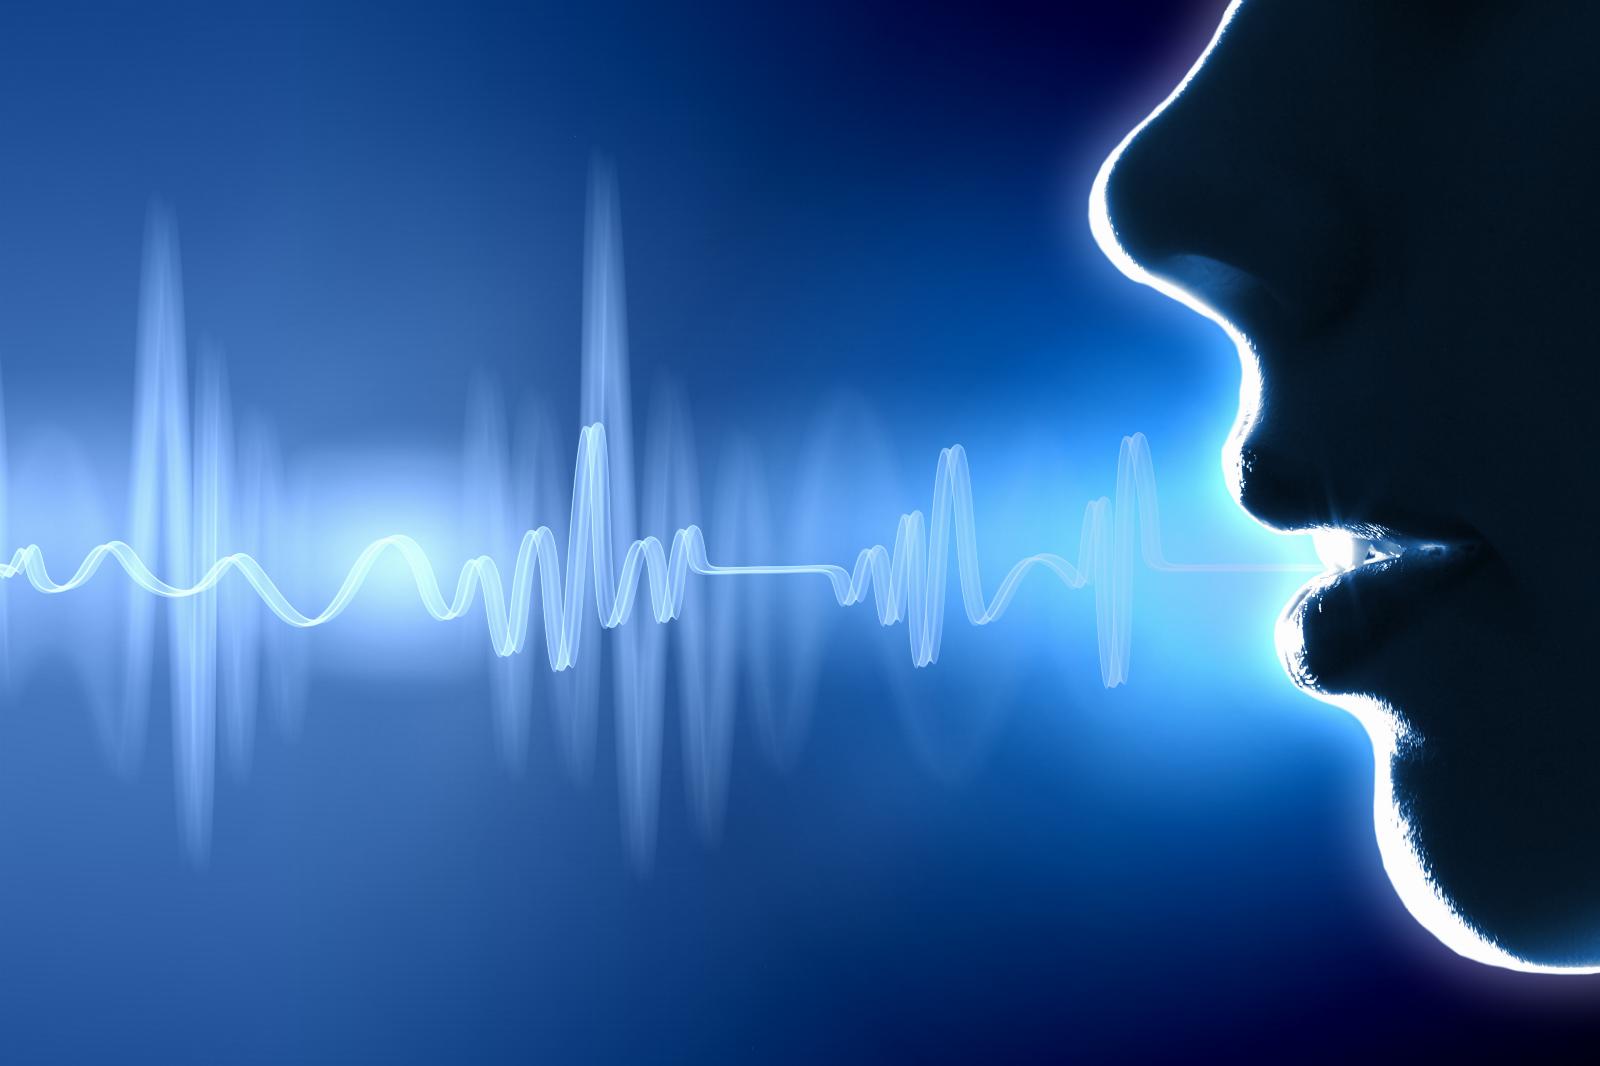 音声合成手軽に 国情研、学習データ1時間のAI開発